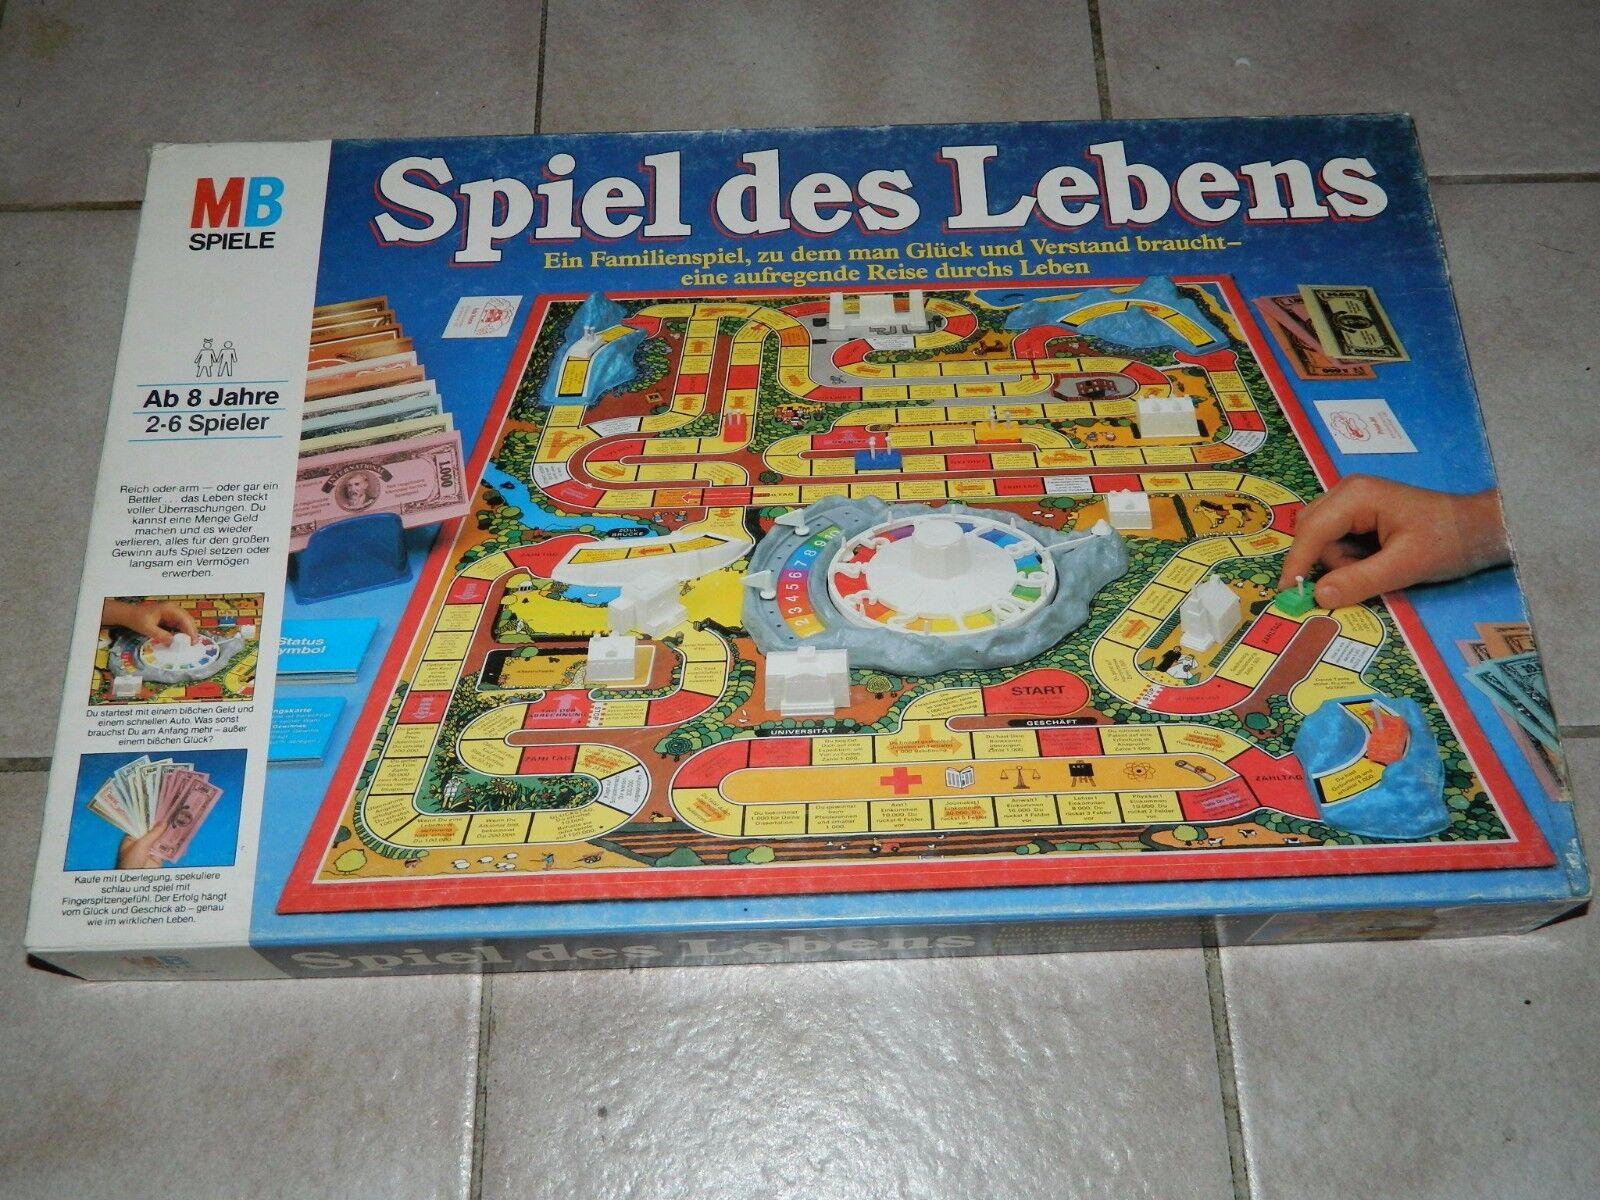 Mb spiele - spiel des lebens - ca. 1984 - blauer karton - bahnhof ihr - kult